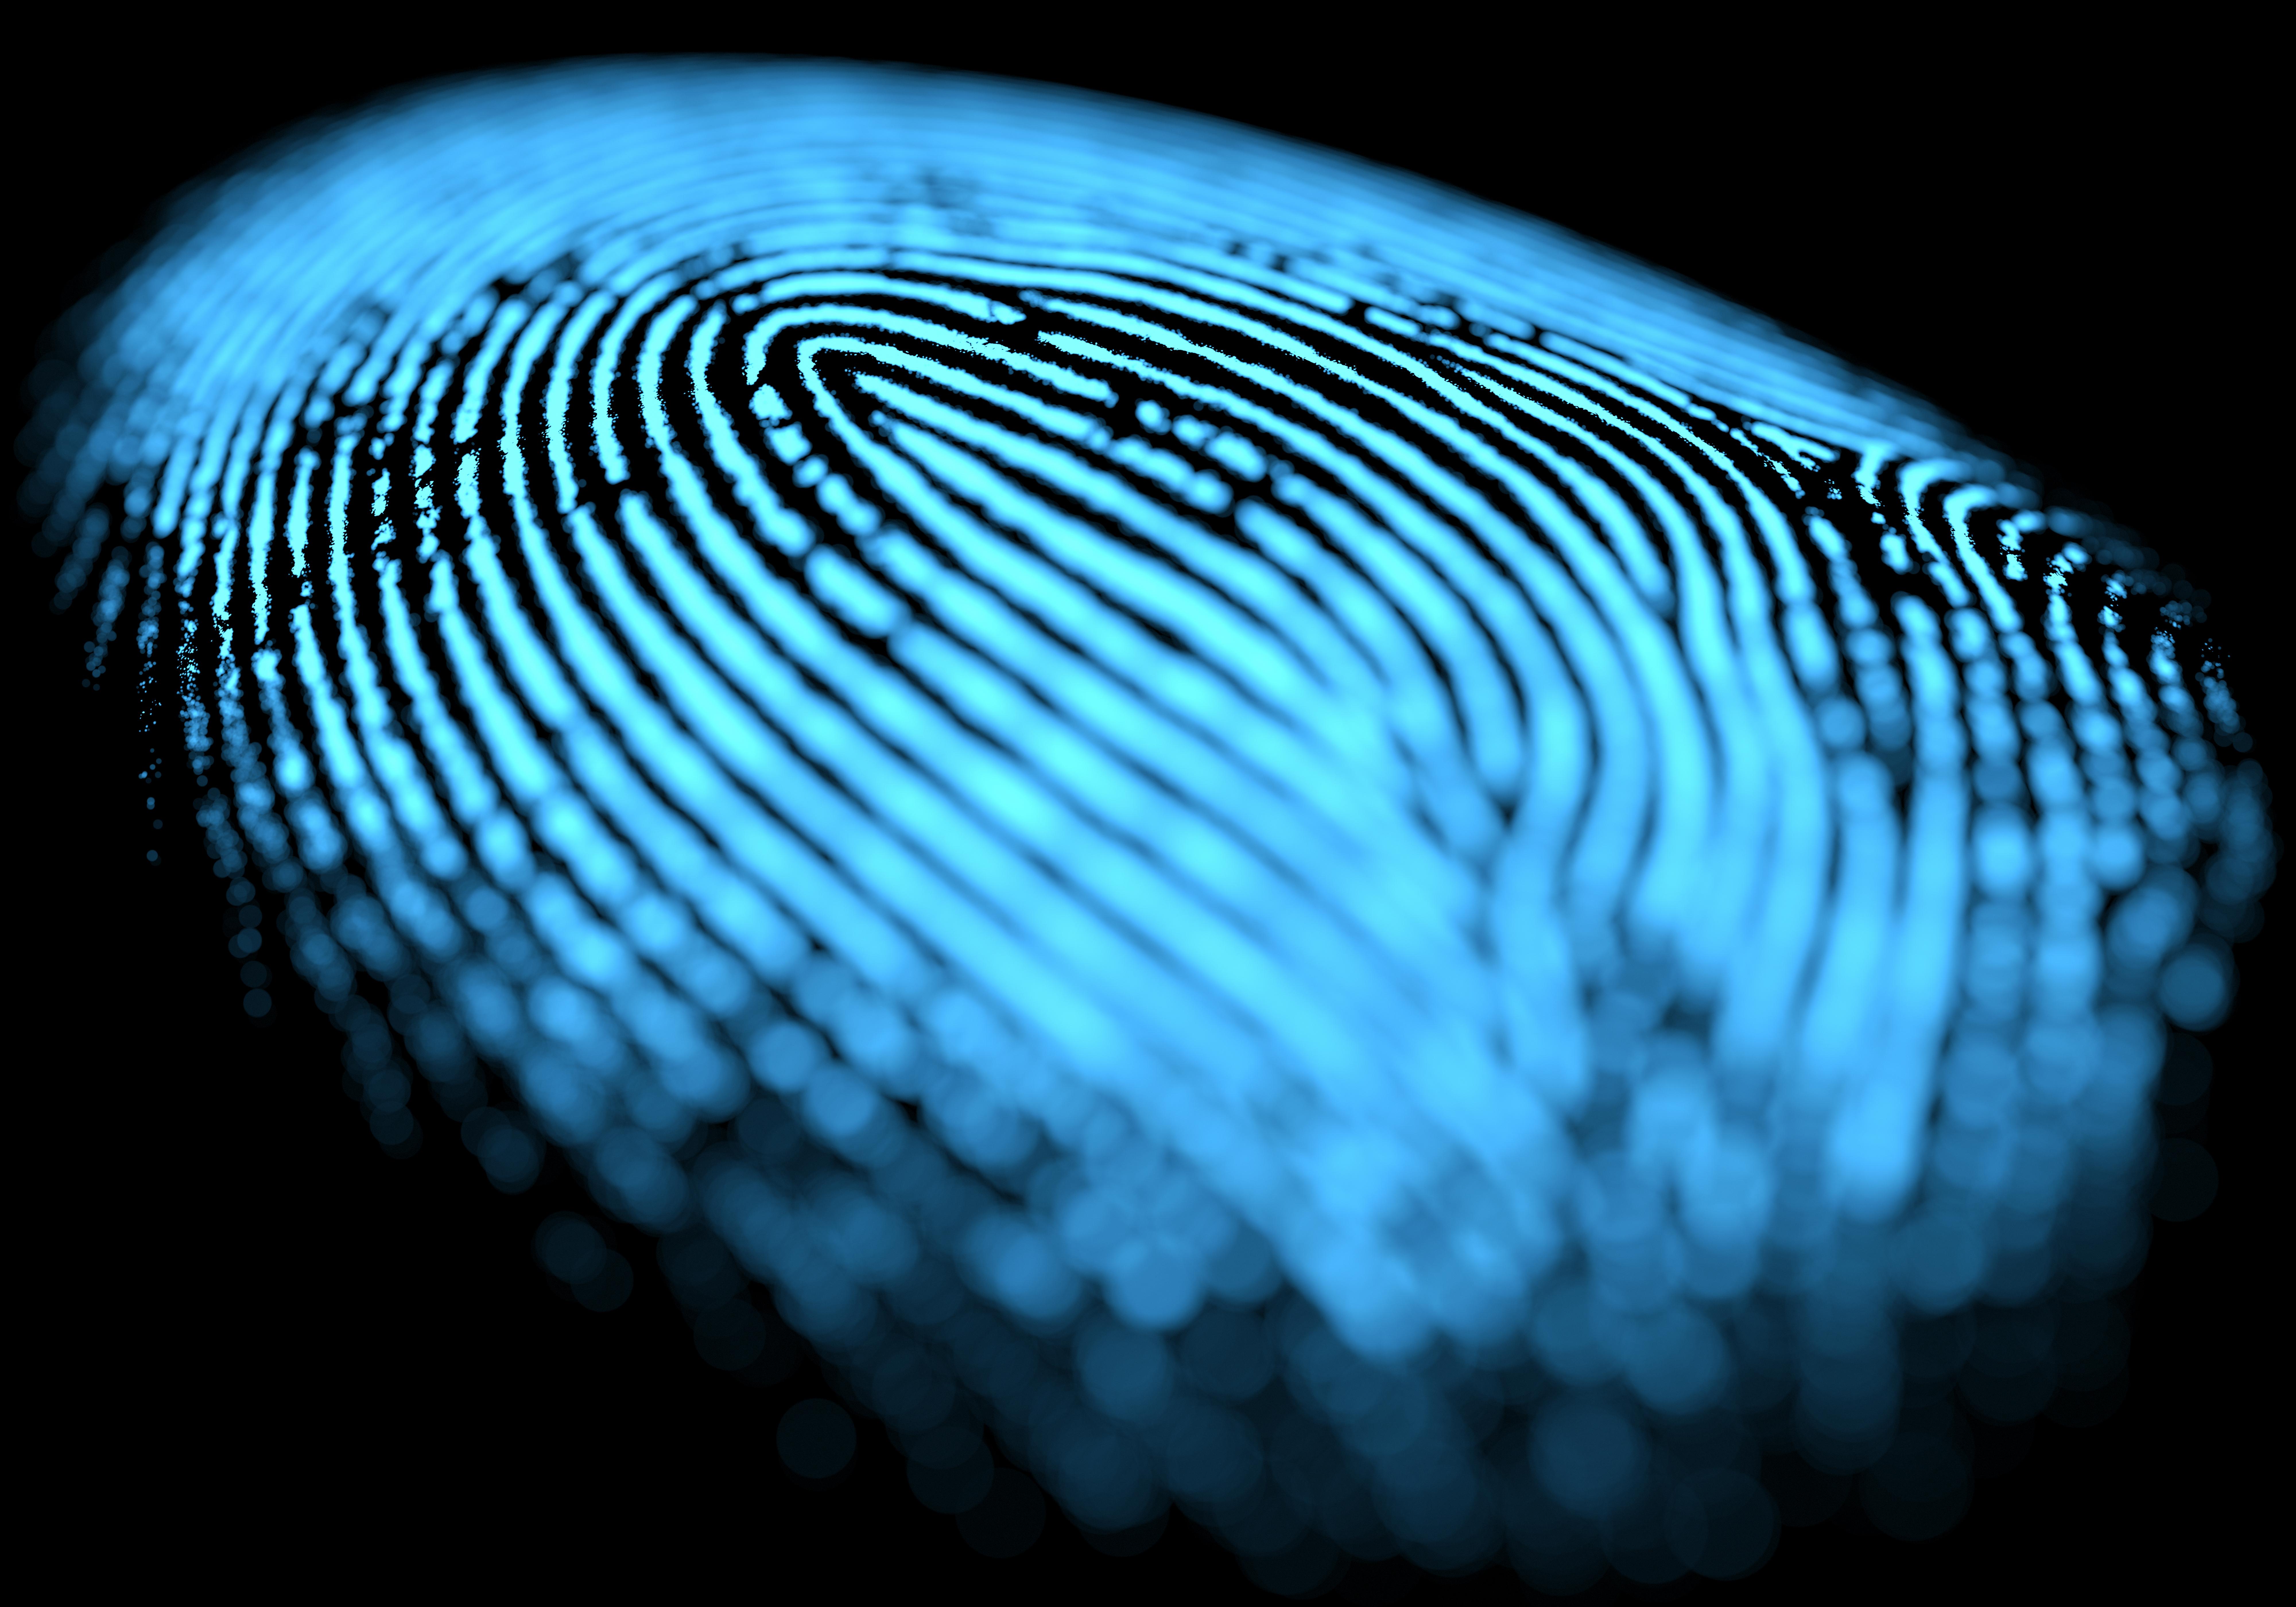 Fingerprint Over Black